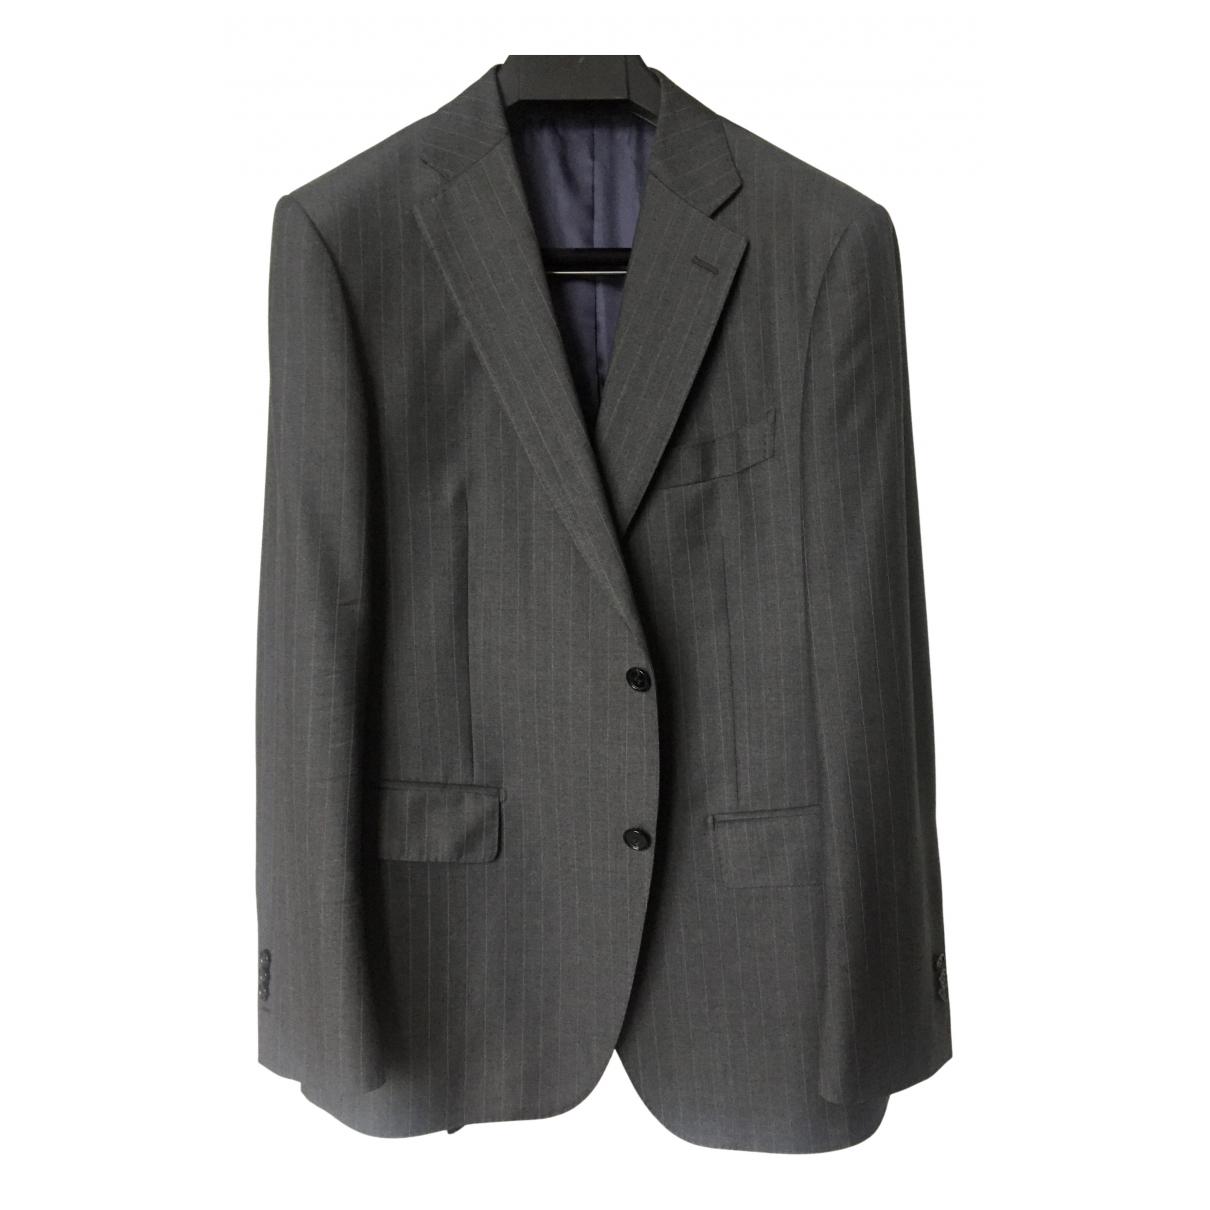 Suitsupply - Vestes.Blousons   pour homme en laine - gris